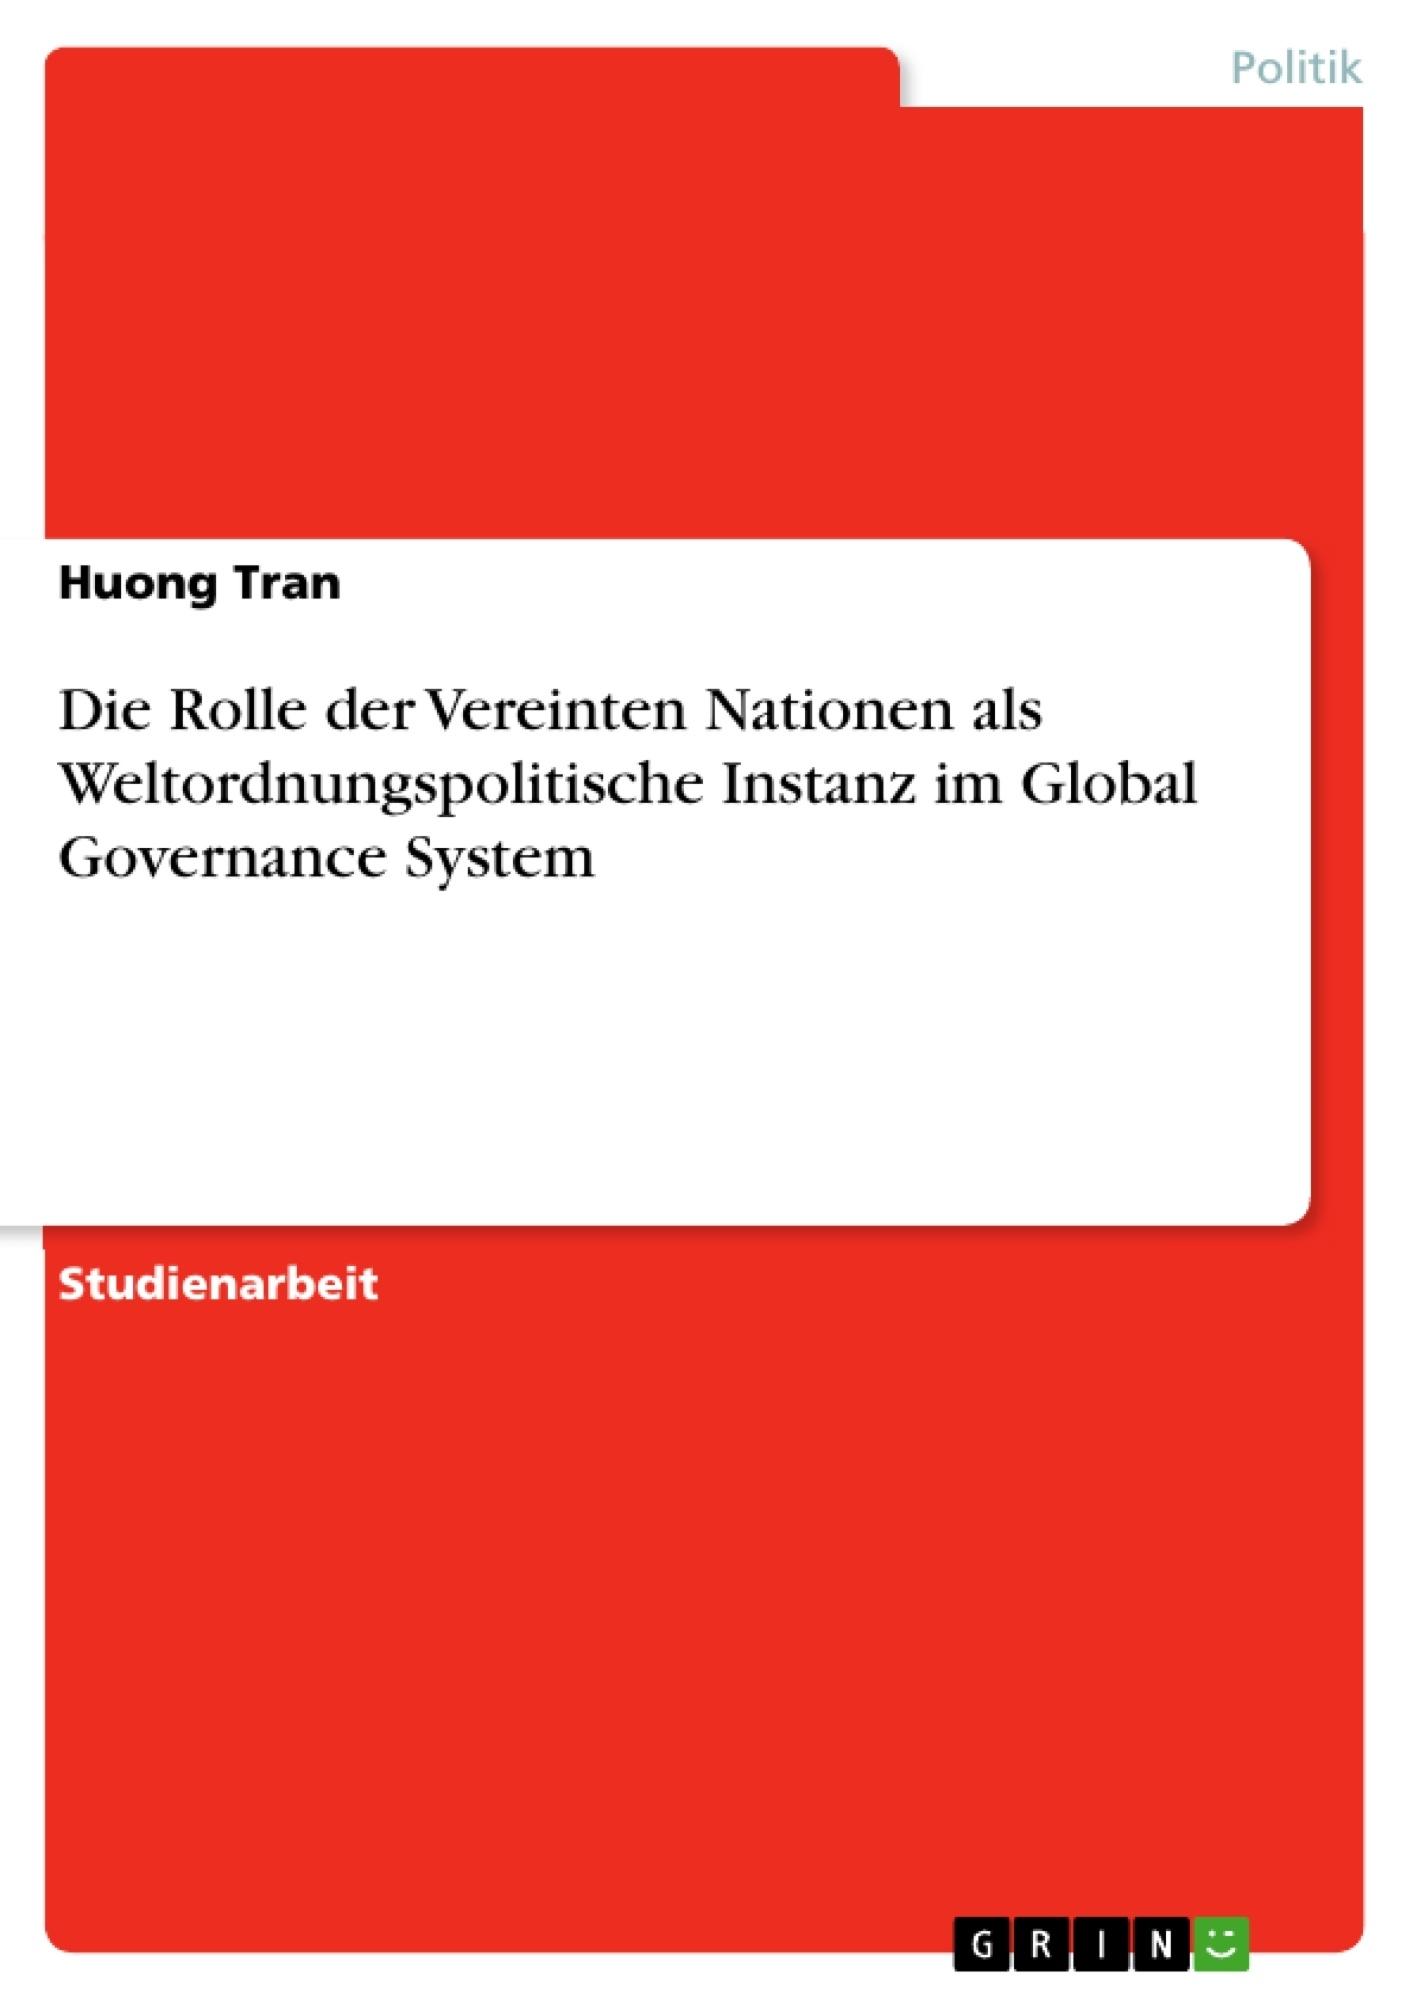 Titel: Die Rolle der Vereinten Nationen als Weltordnungspolitische Instanz im Global Governance System